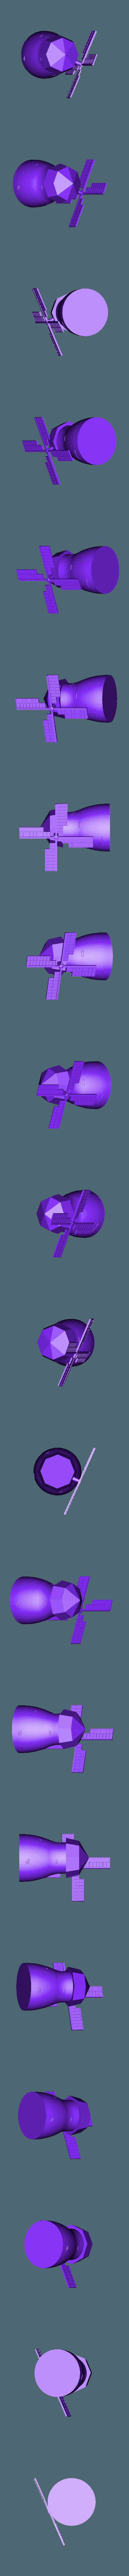 Windmill.stl Télécharger fichier STL gratuit Moulin à vent • Design pour impression 3D, Piggie